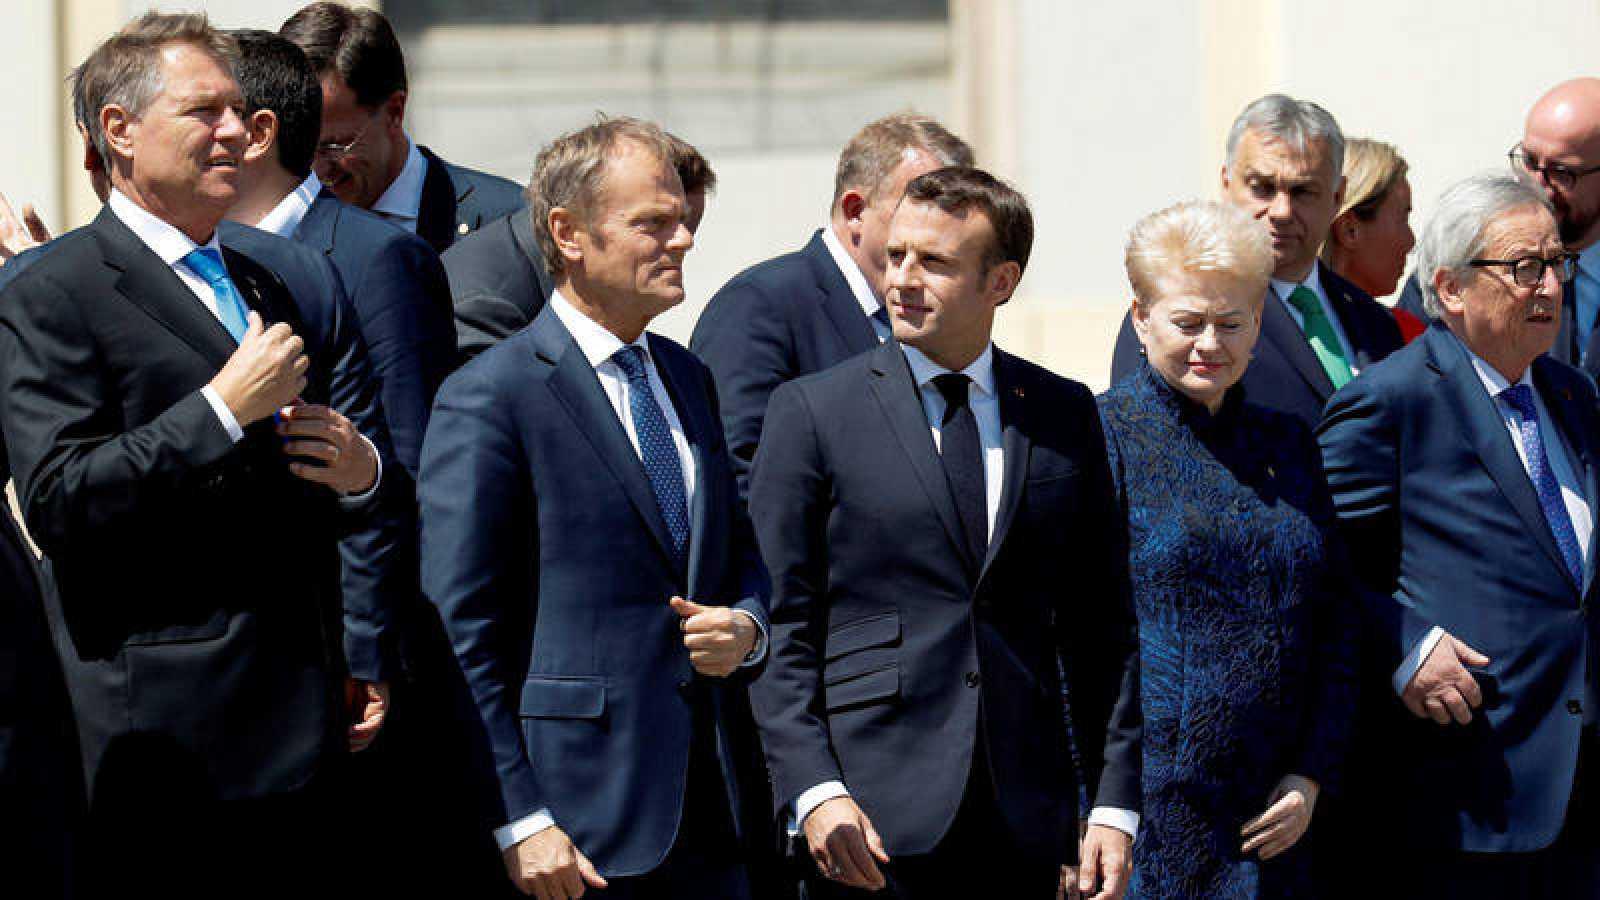 Foto de familia de Tusk, Macron, Iohannis, Grybauskaite y Juncker en Sibiu (Rumanía)